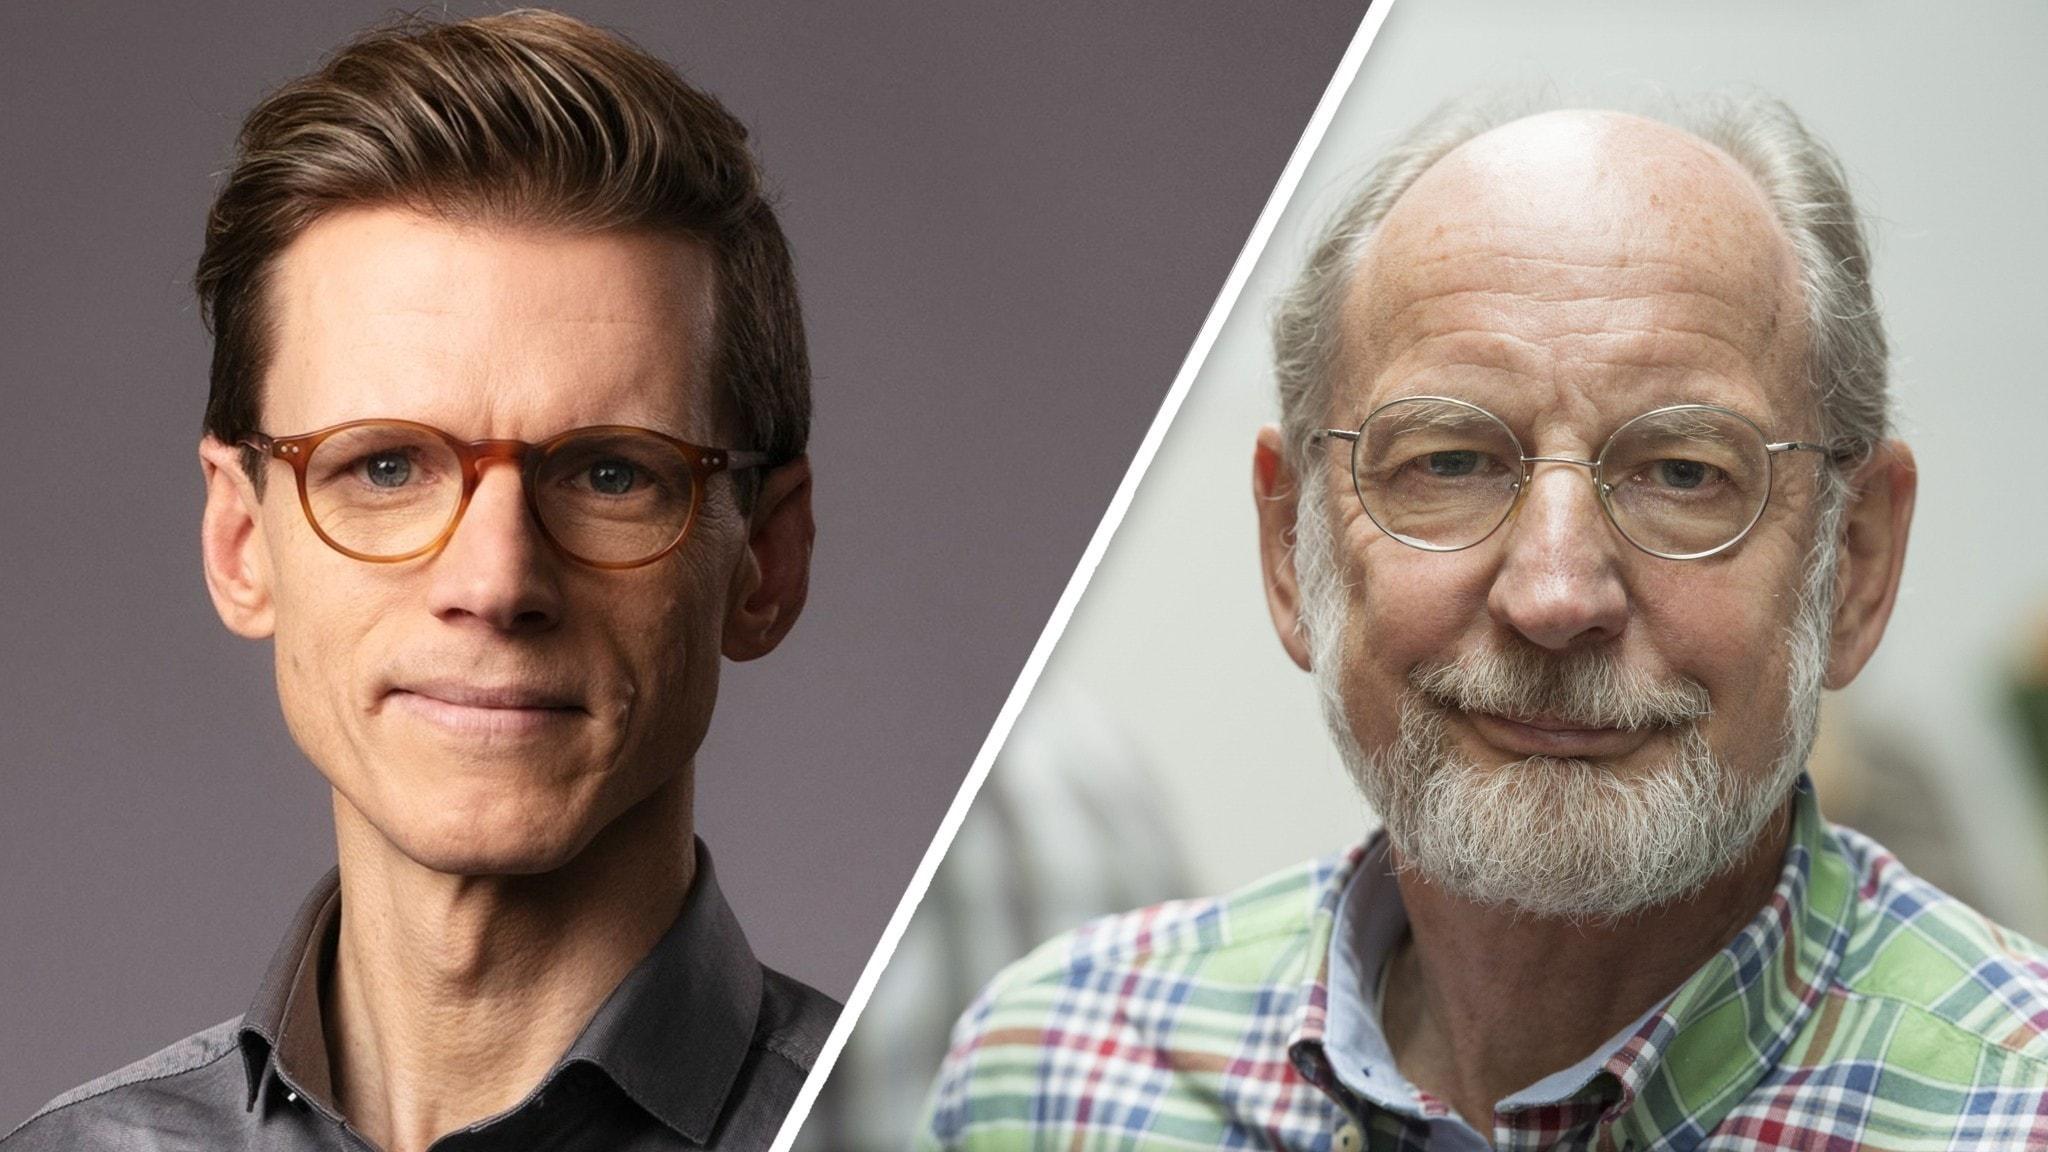 Två porträttbilder på män.